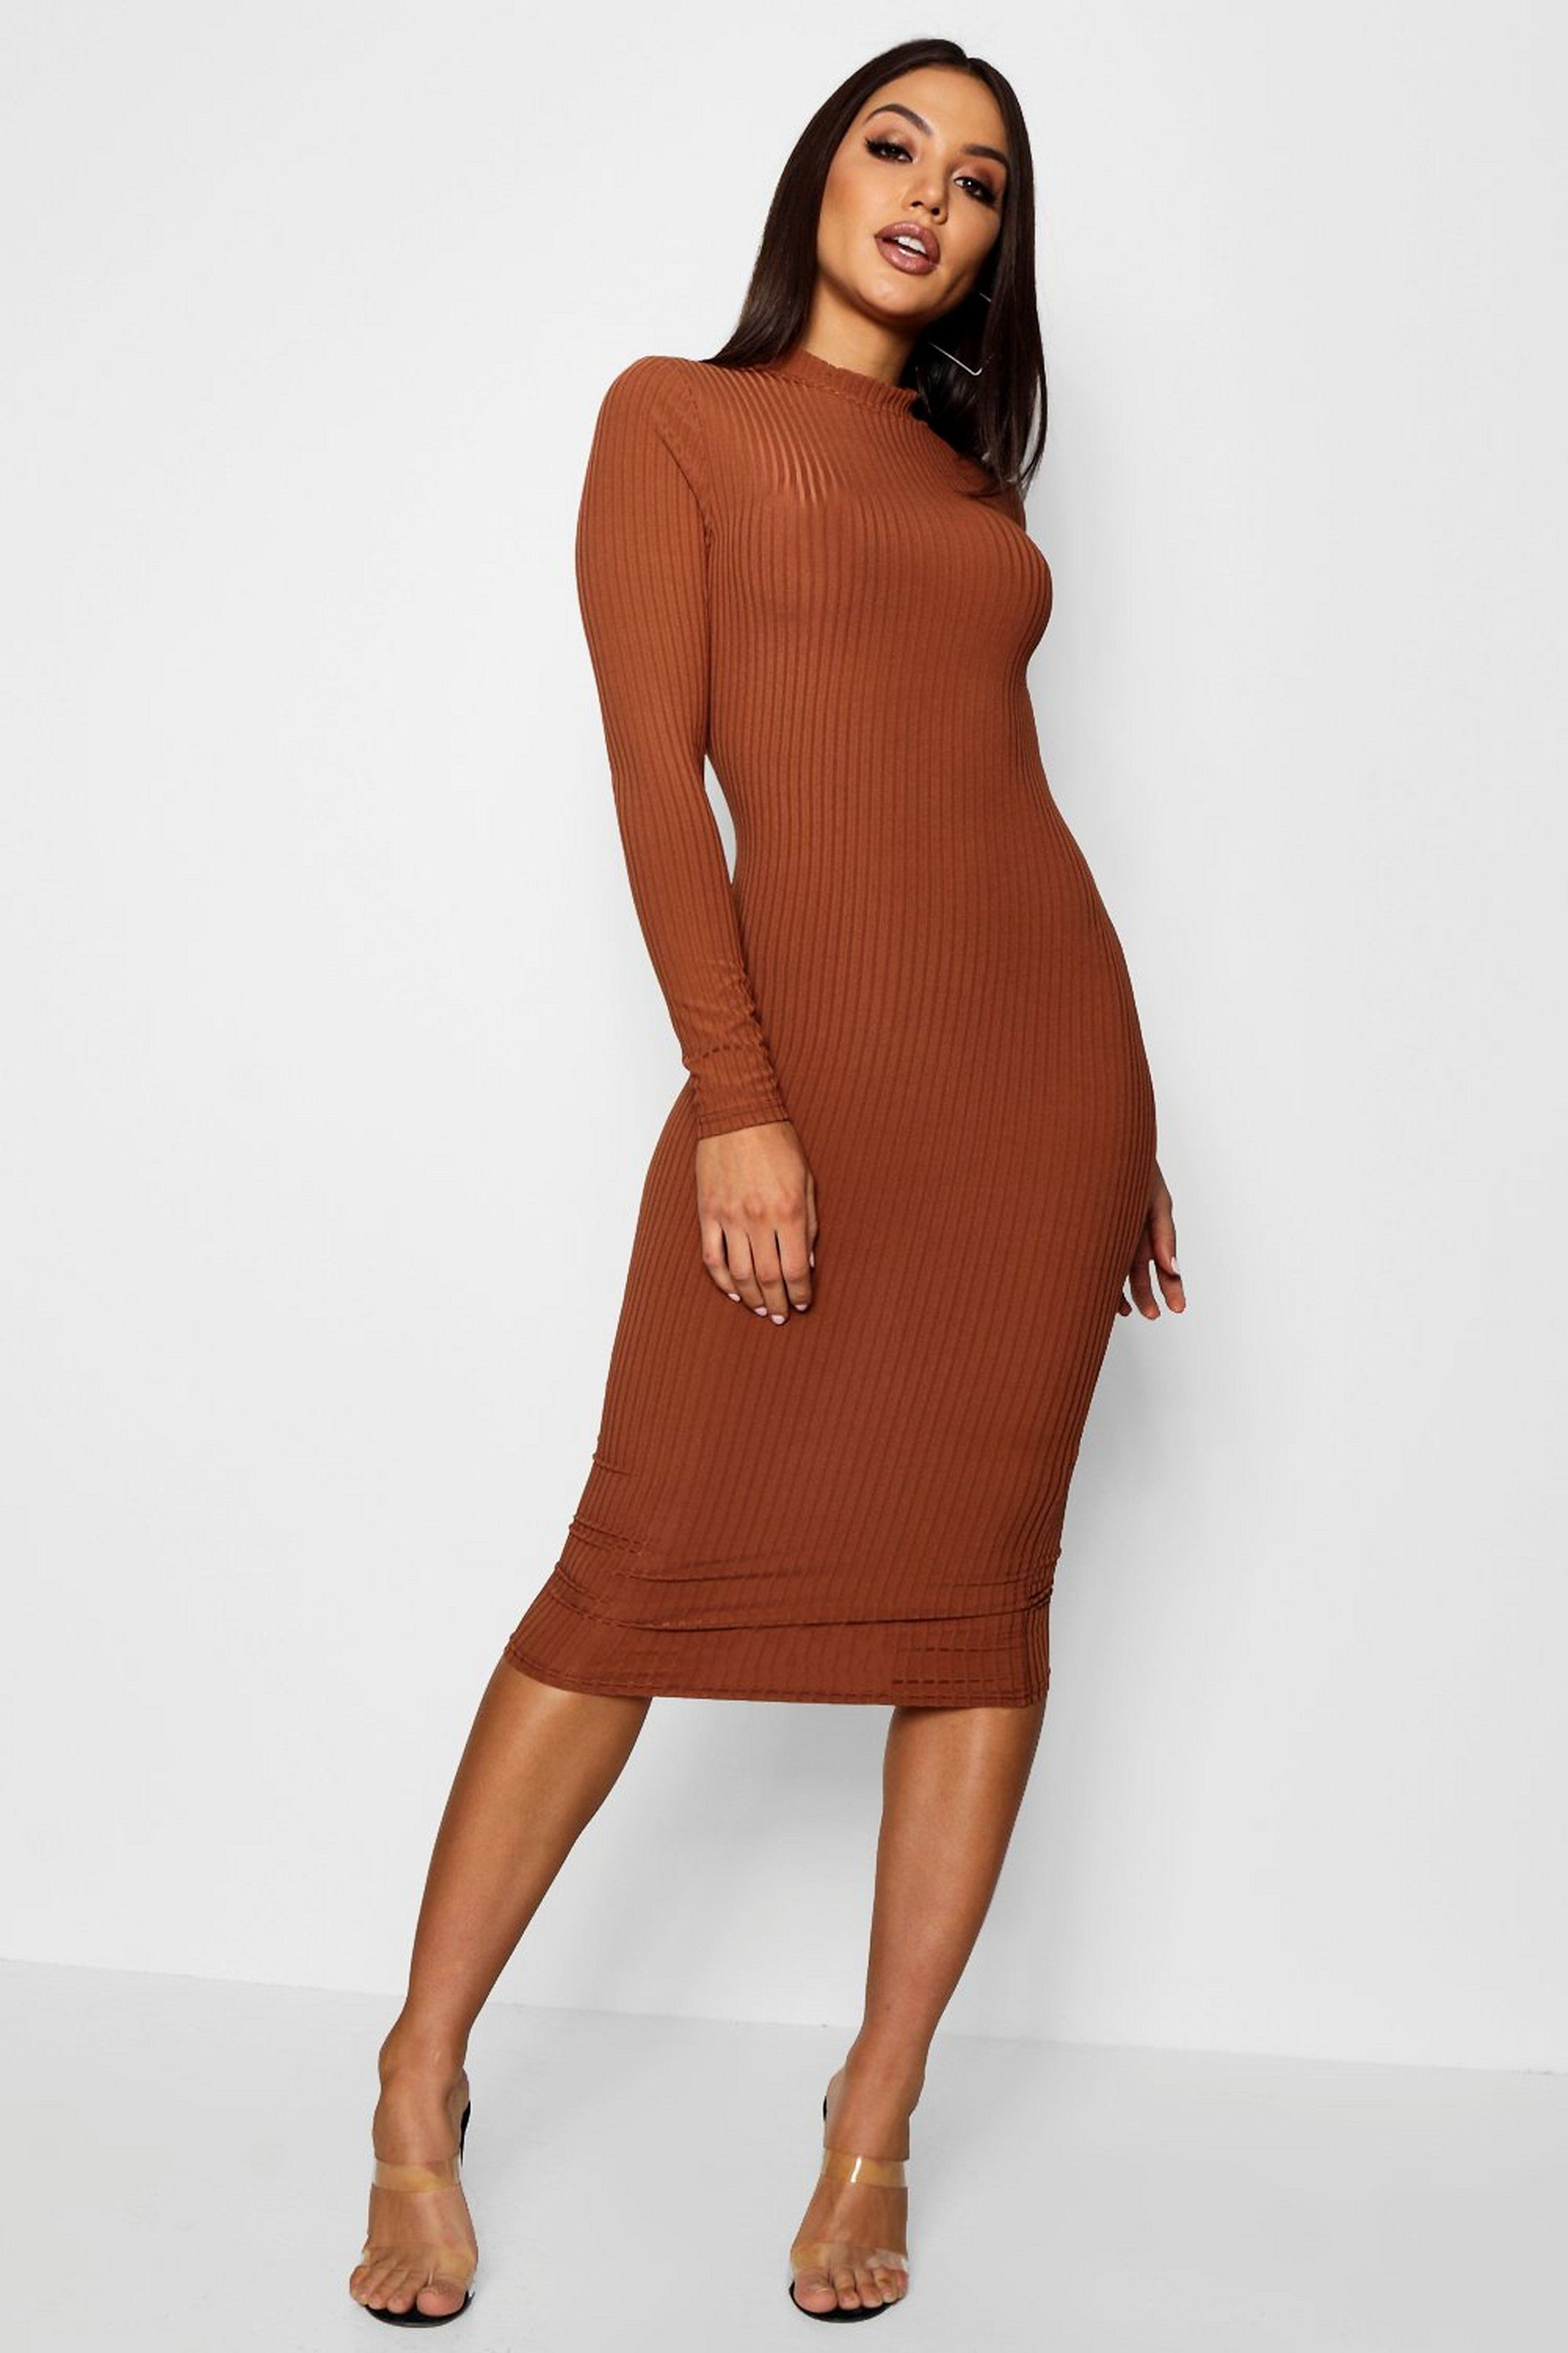 body con maxi skirt Long Sleeve Dress Knit Maxi Dress Thin body con dress long dress women in canada dress for girl dresses for women